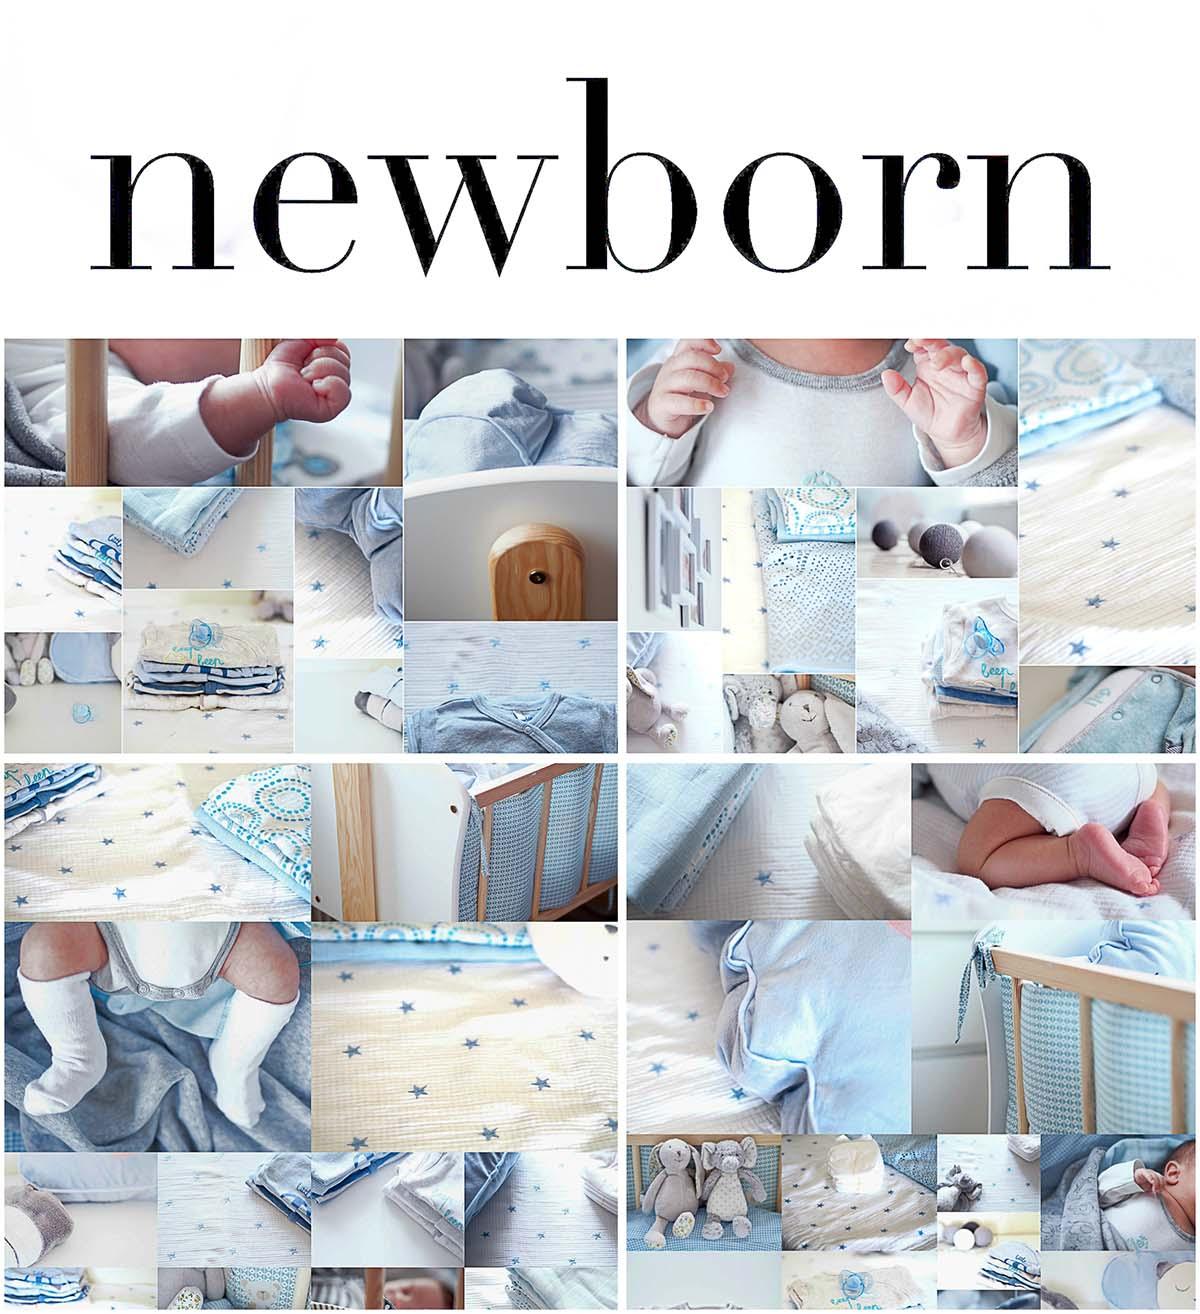 Baby stock photo set